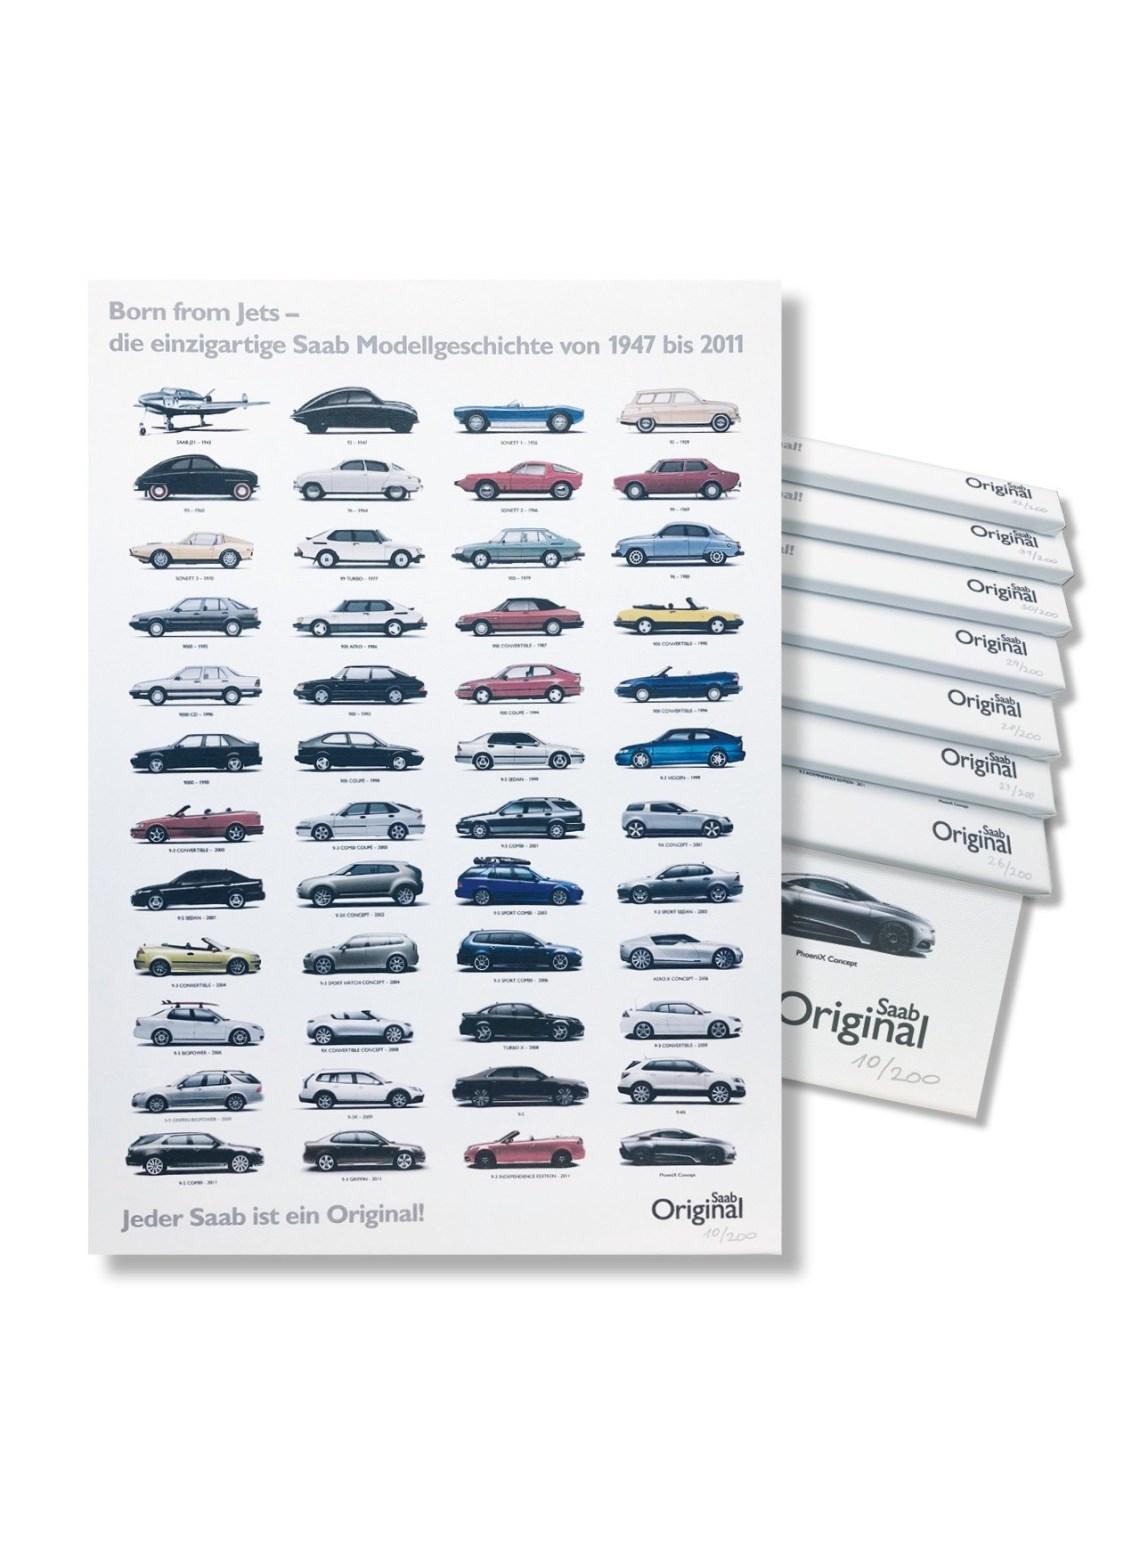 Эксклюзивный товар Saab. История Saab как изображение холста